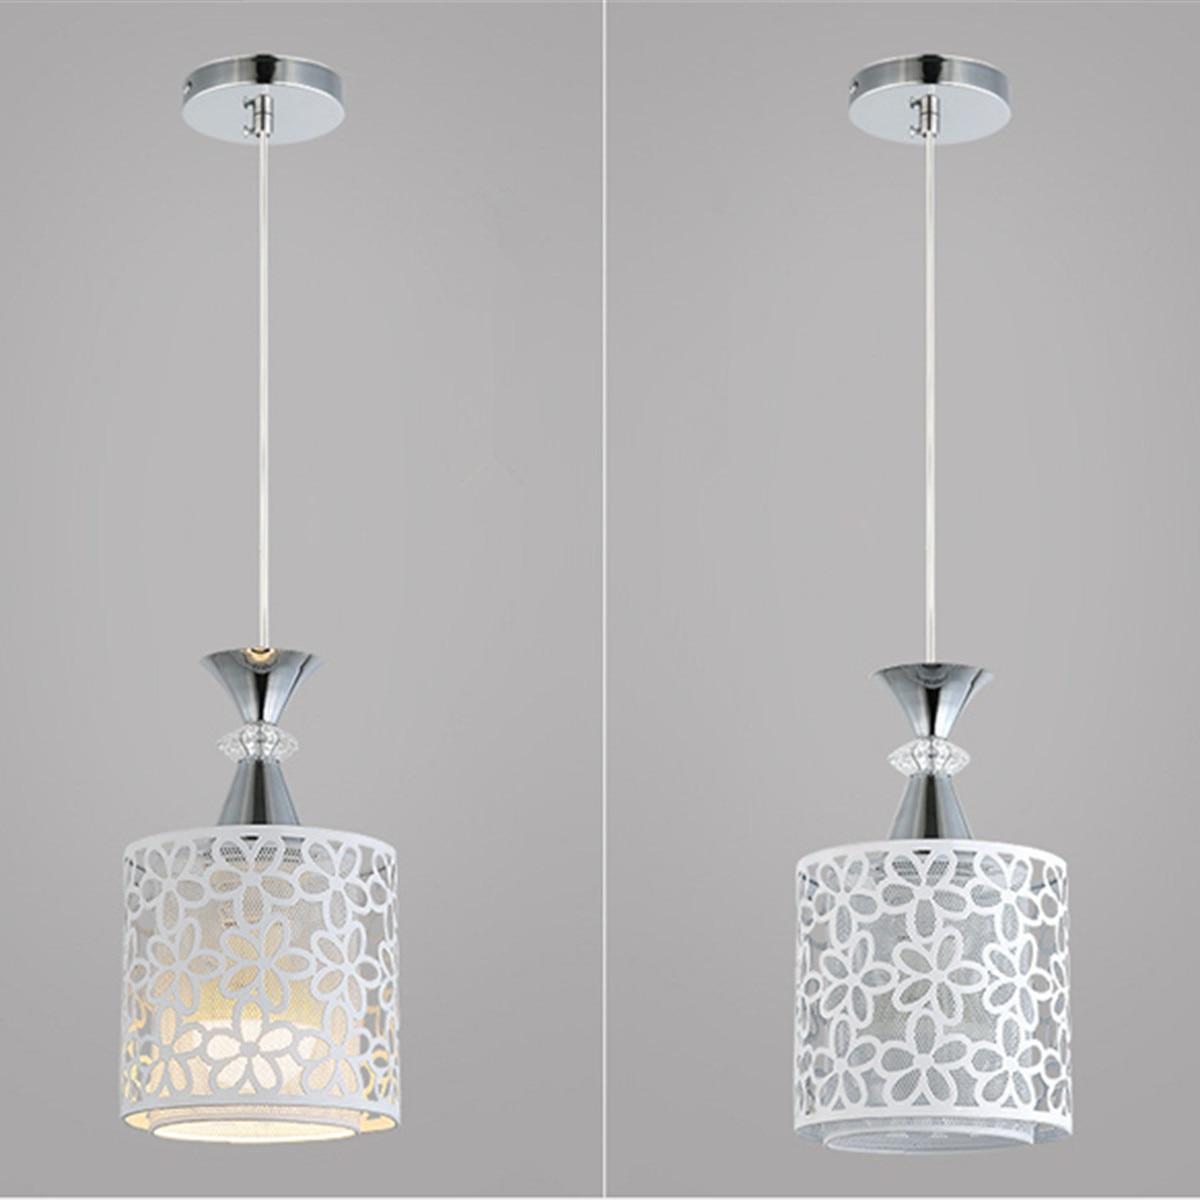 HTB1fotmbELrK1Rjy1zbq6AenFXas Modern Crystal Ceiling Lights Flower Lampshade White Light LED Lamp Living Room Indoor Lighting